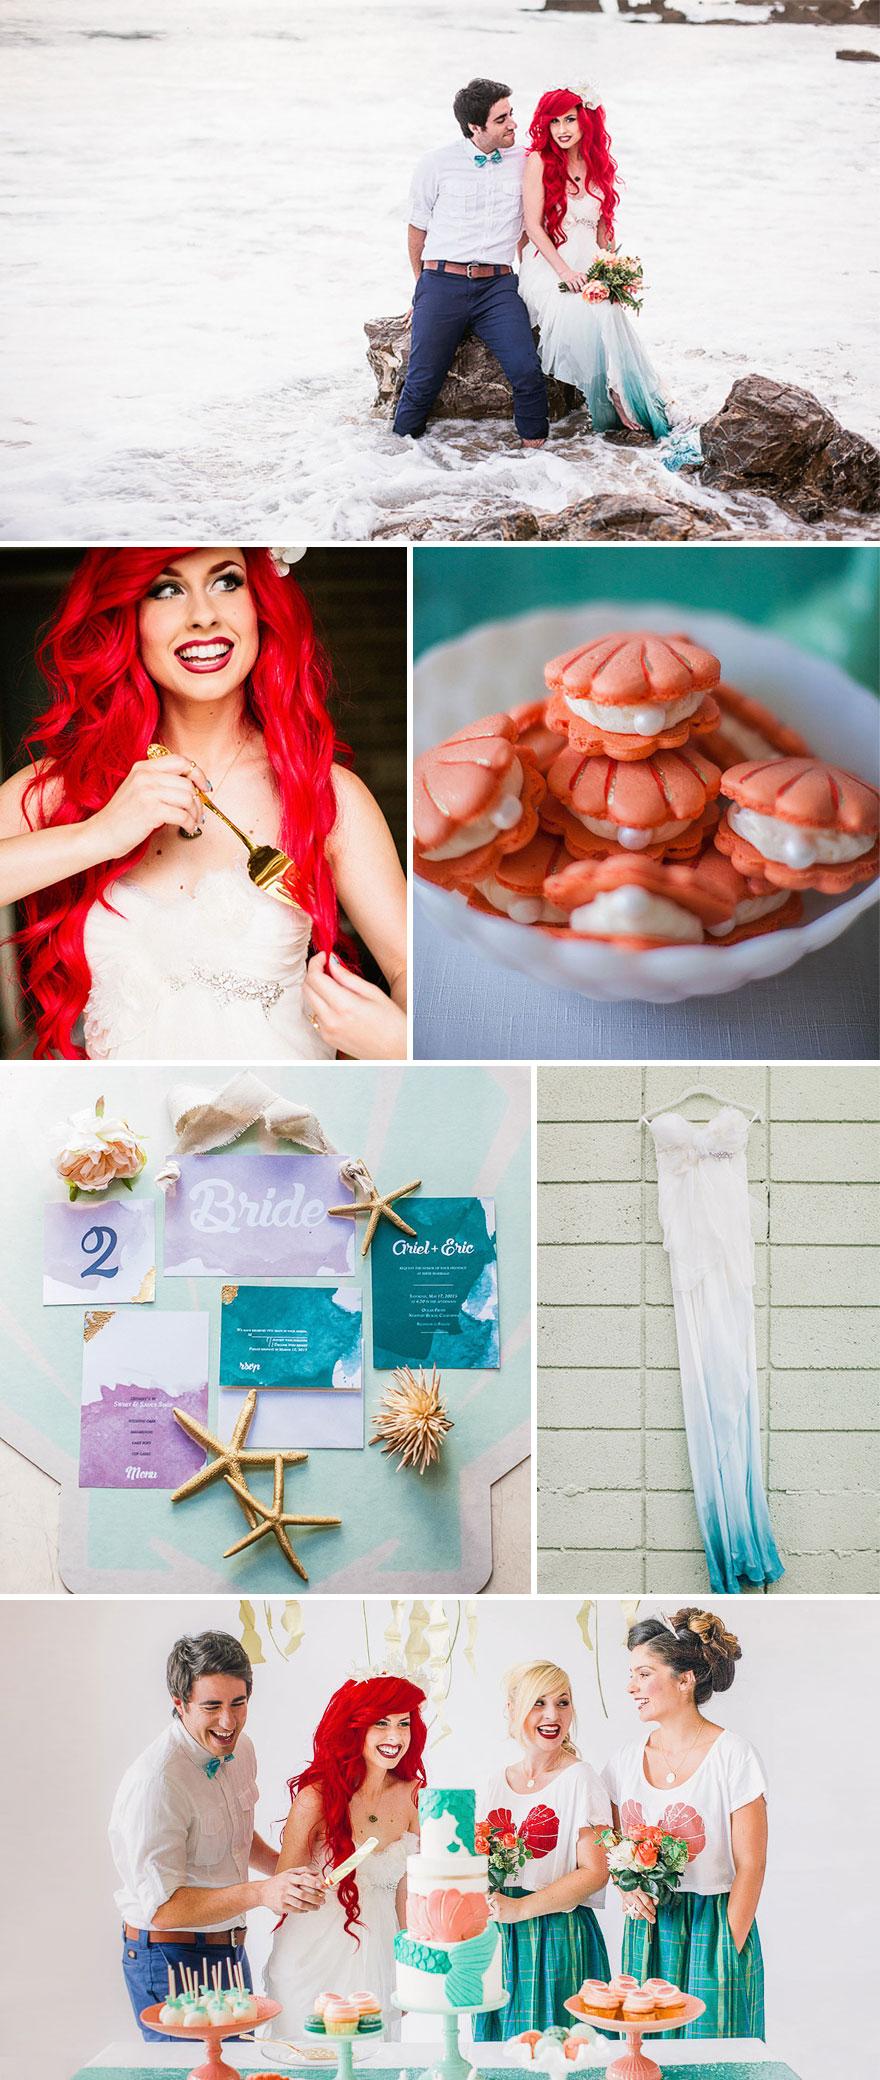 Estas son algunas de las bodas temáticas más impresionantes que verás: Ficción hecha realidad